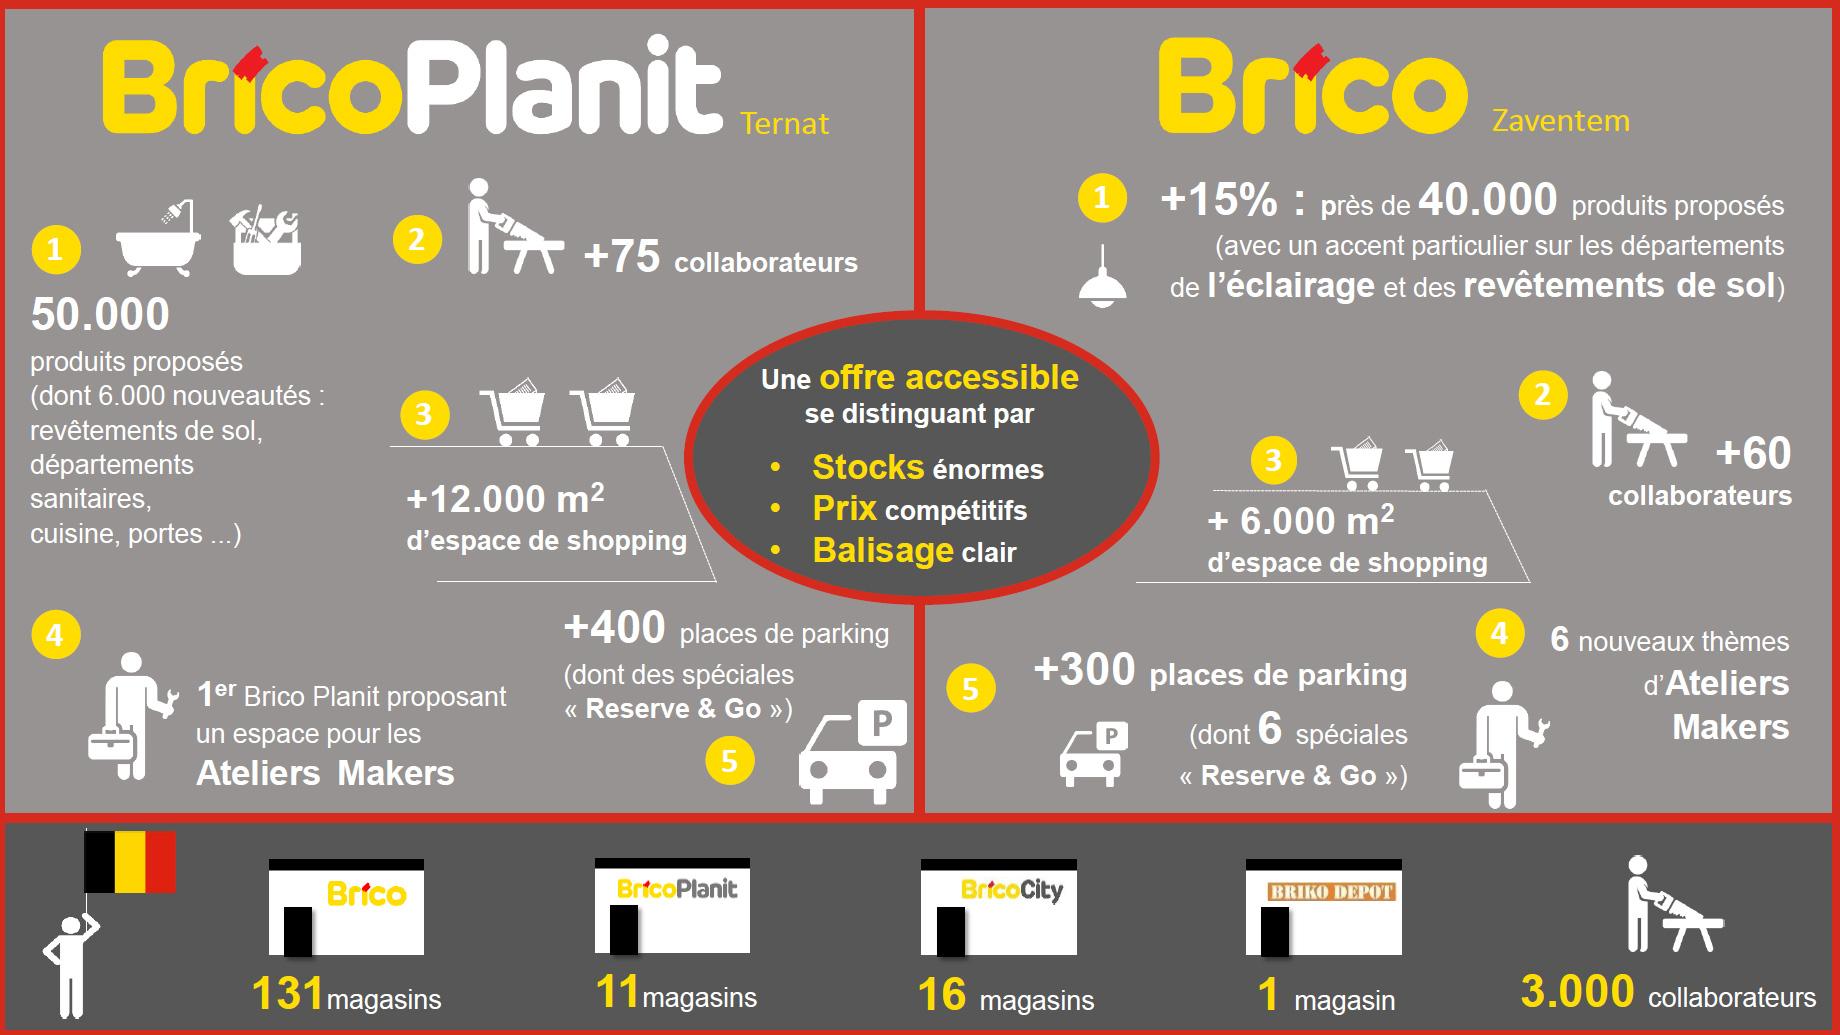 271662 infographic fr 88ca68 original 1517929710